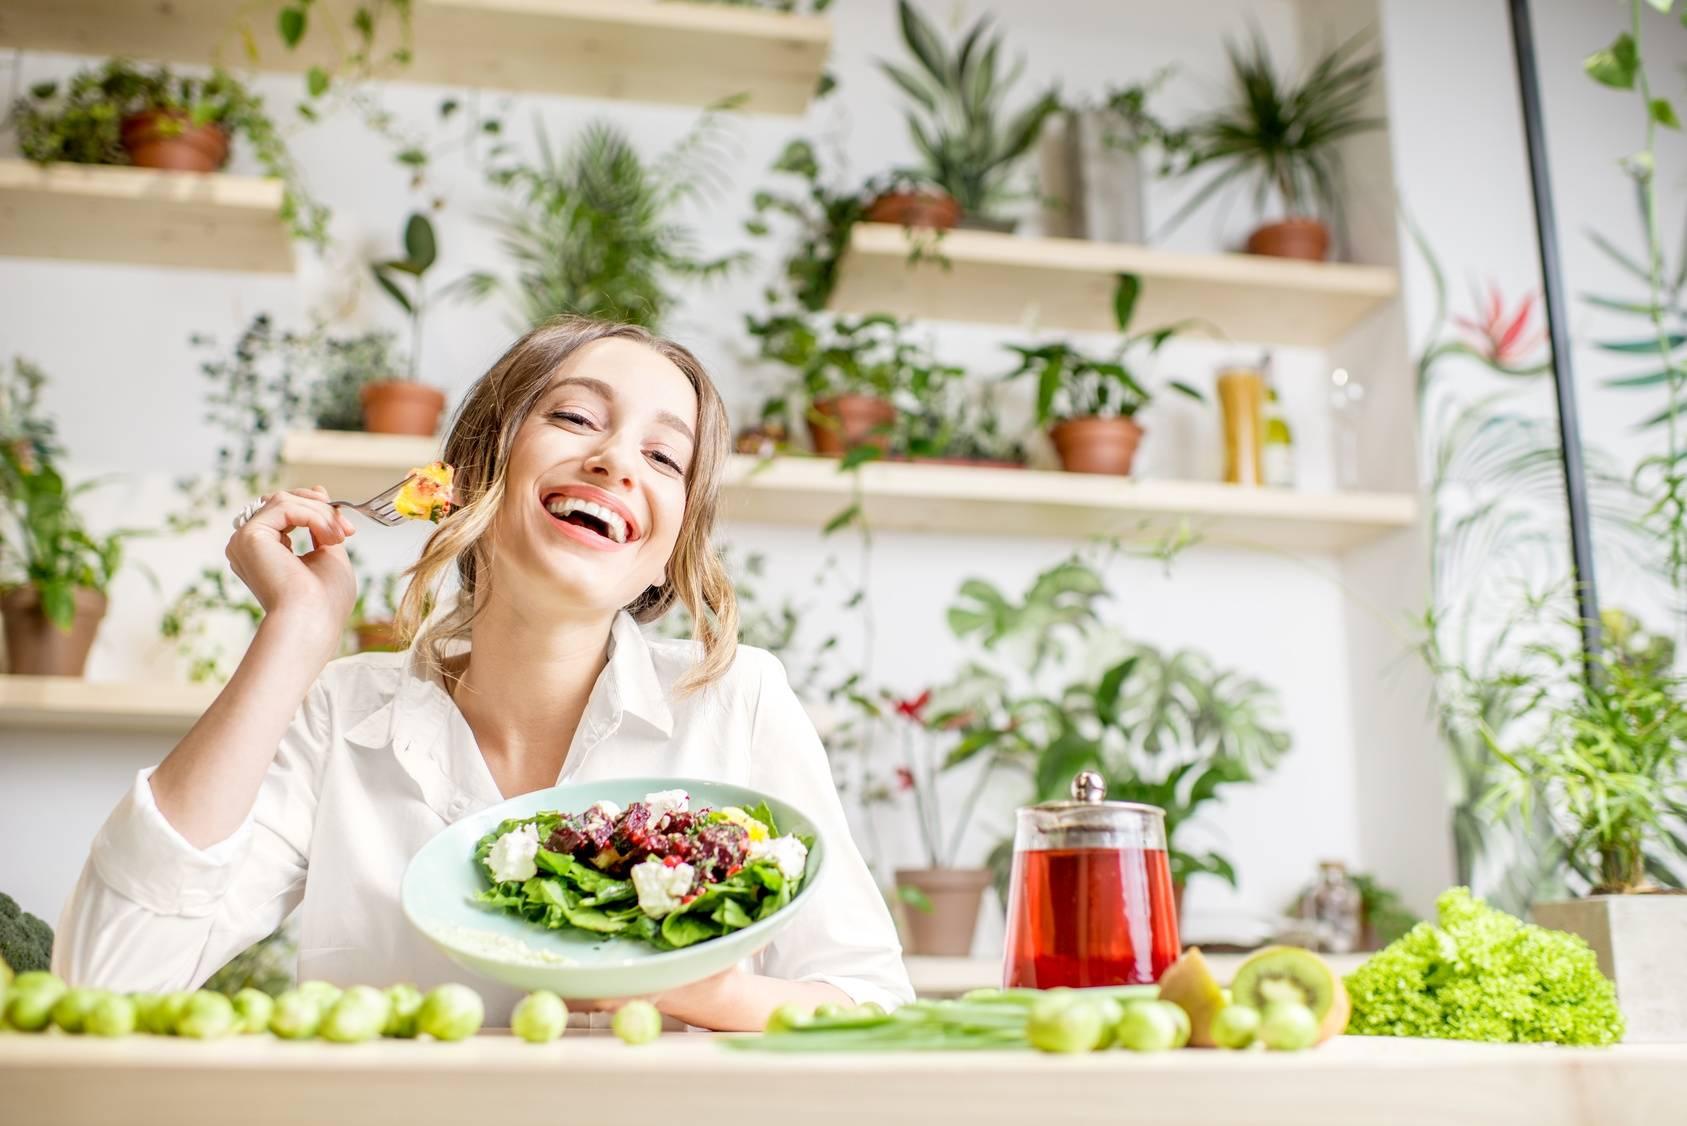 Jak się zdrowo odżywiać, by być szczupłą i zdrową? Walka z otyłością.